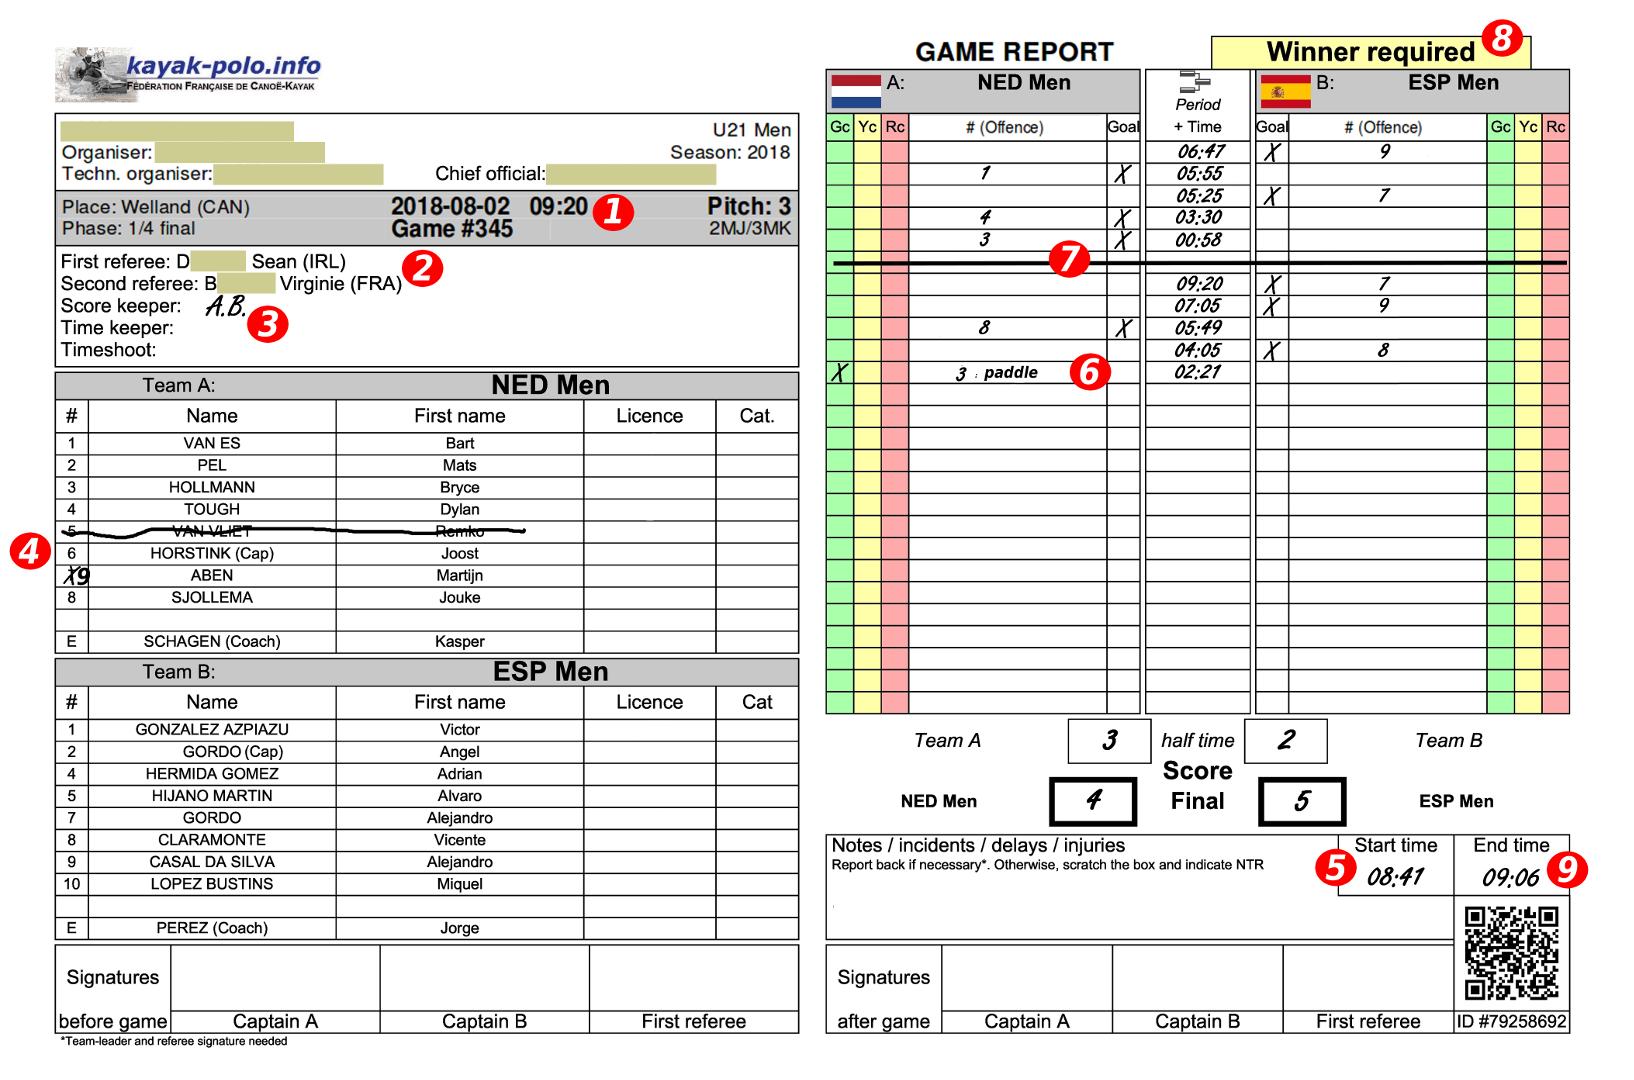 Feuille de marque / Game report